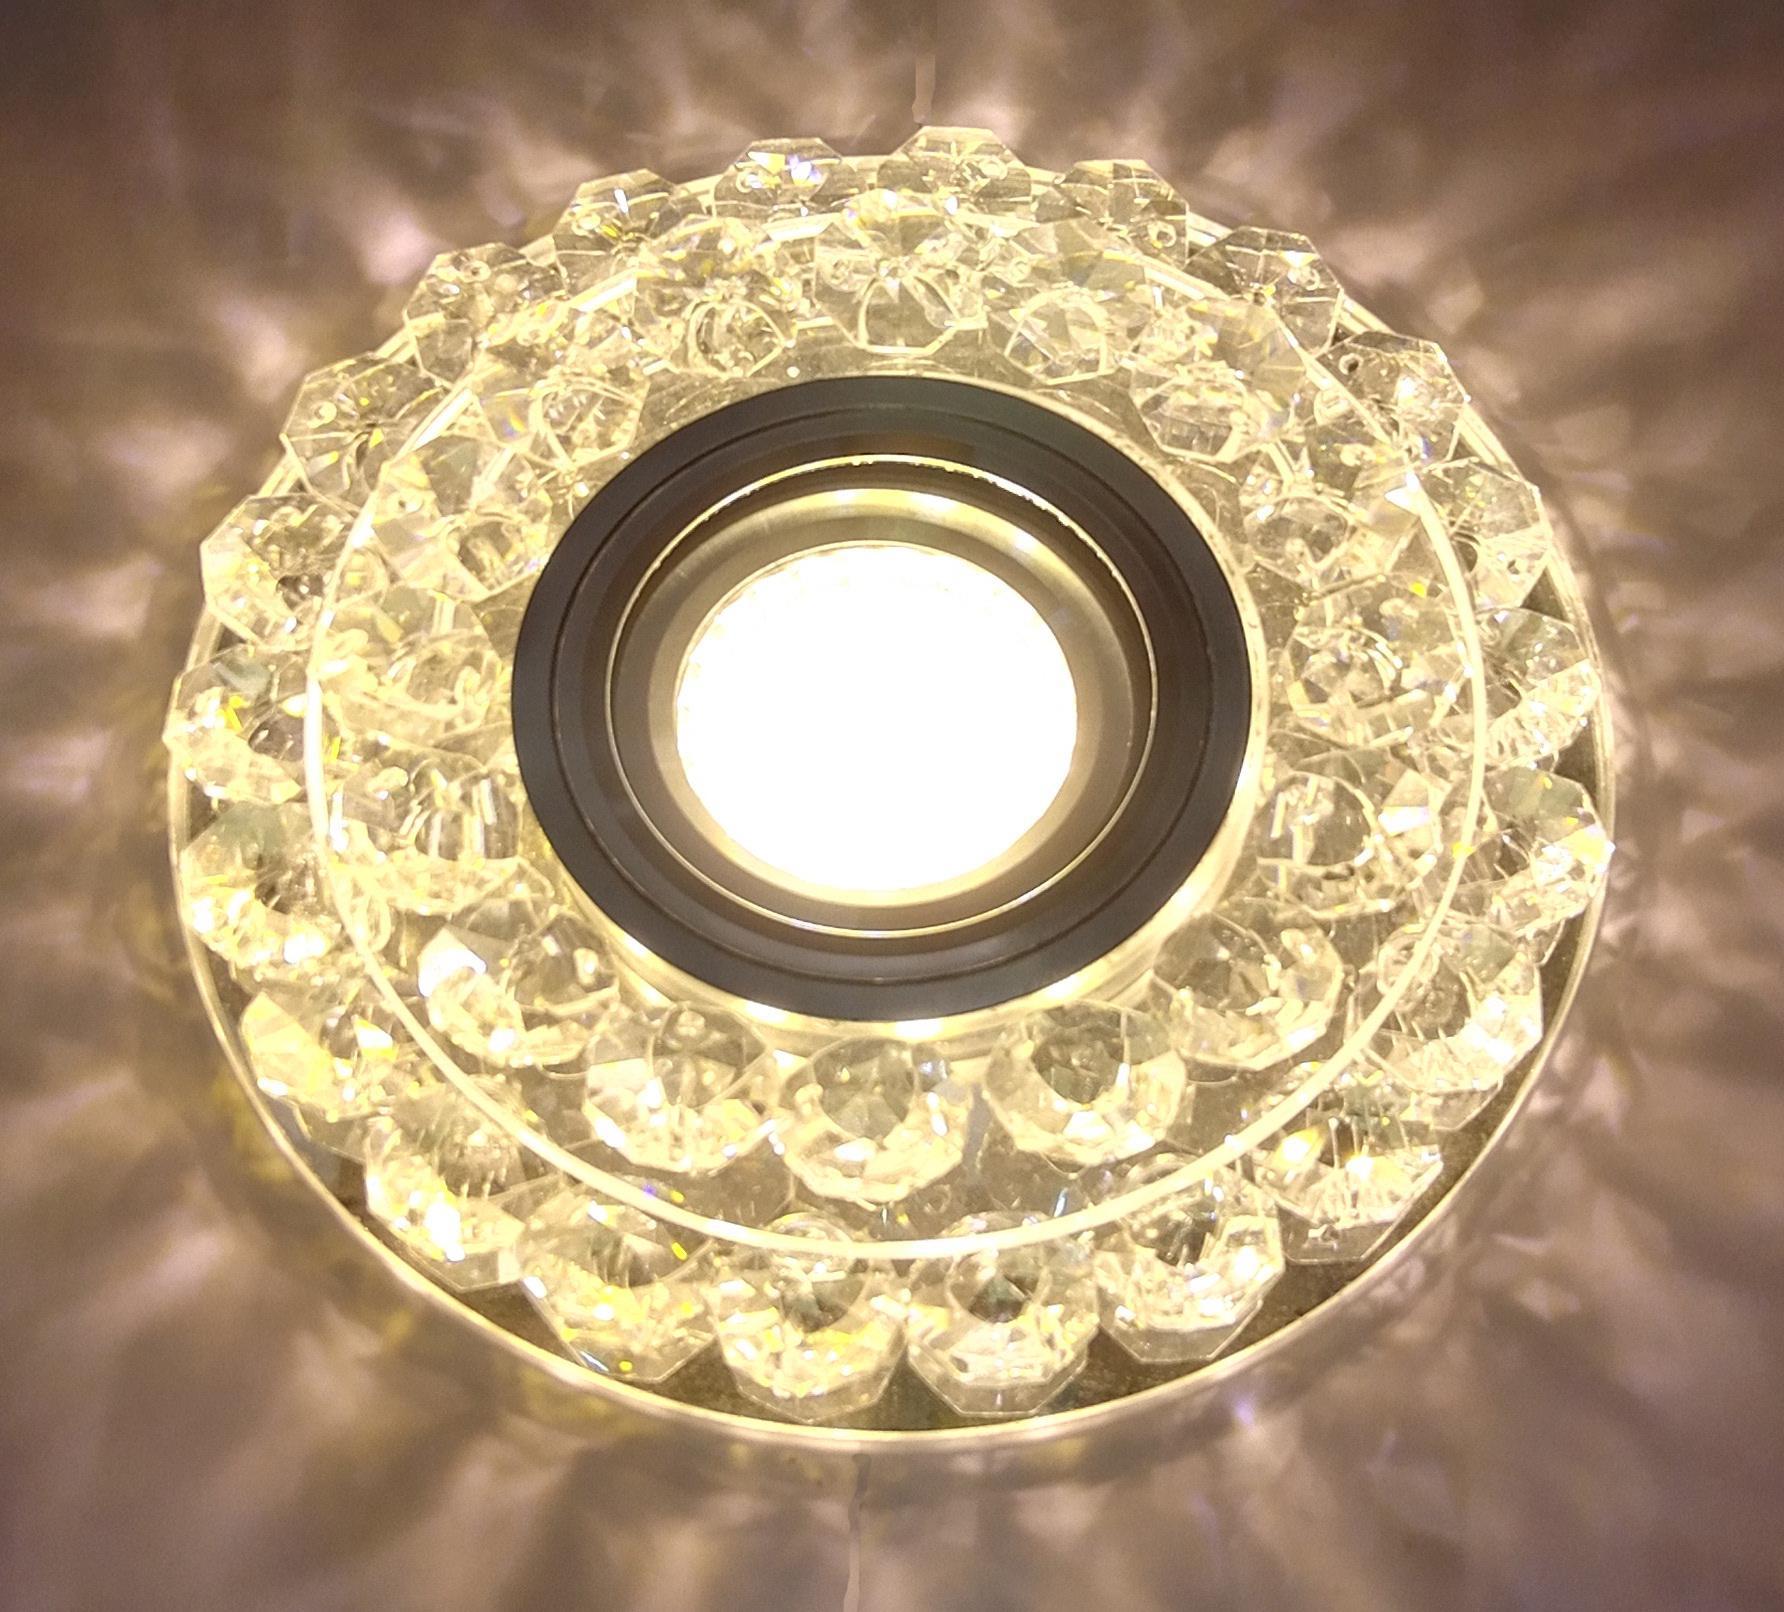 Светильник De fran Ft 950 chwh с торцевой подсветкой 3Вт 330лм хром зеркальный прозрачный+кристаллы